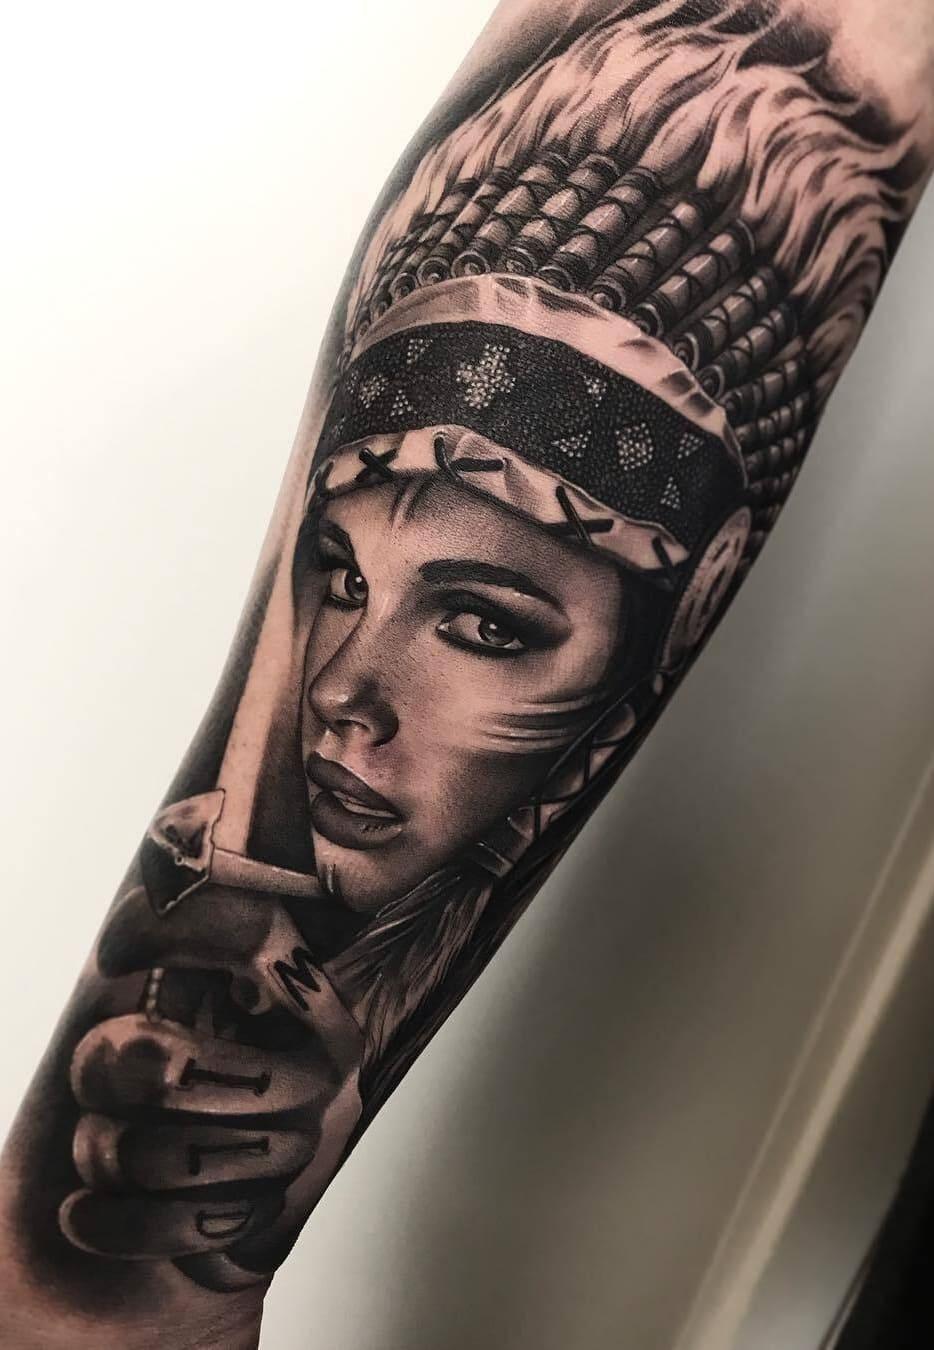 tatuagem-masculina-no-braço-83